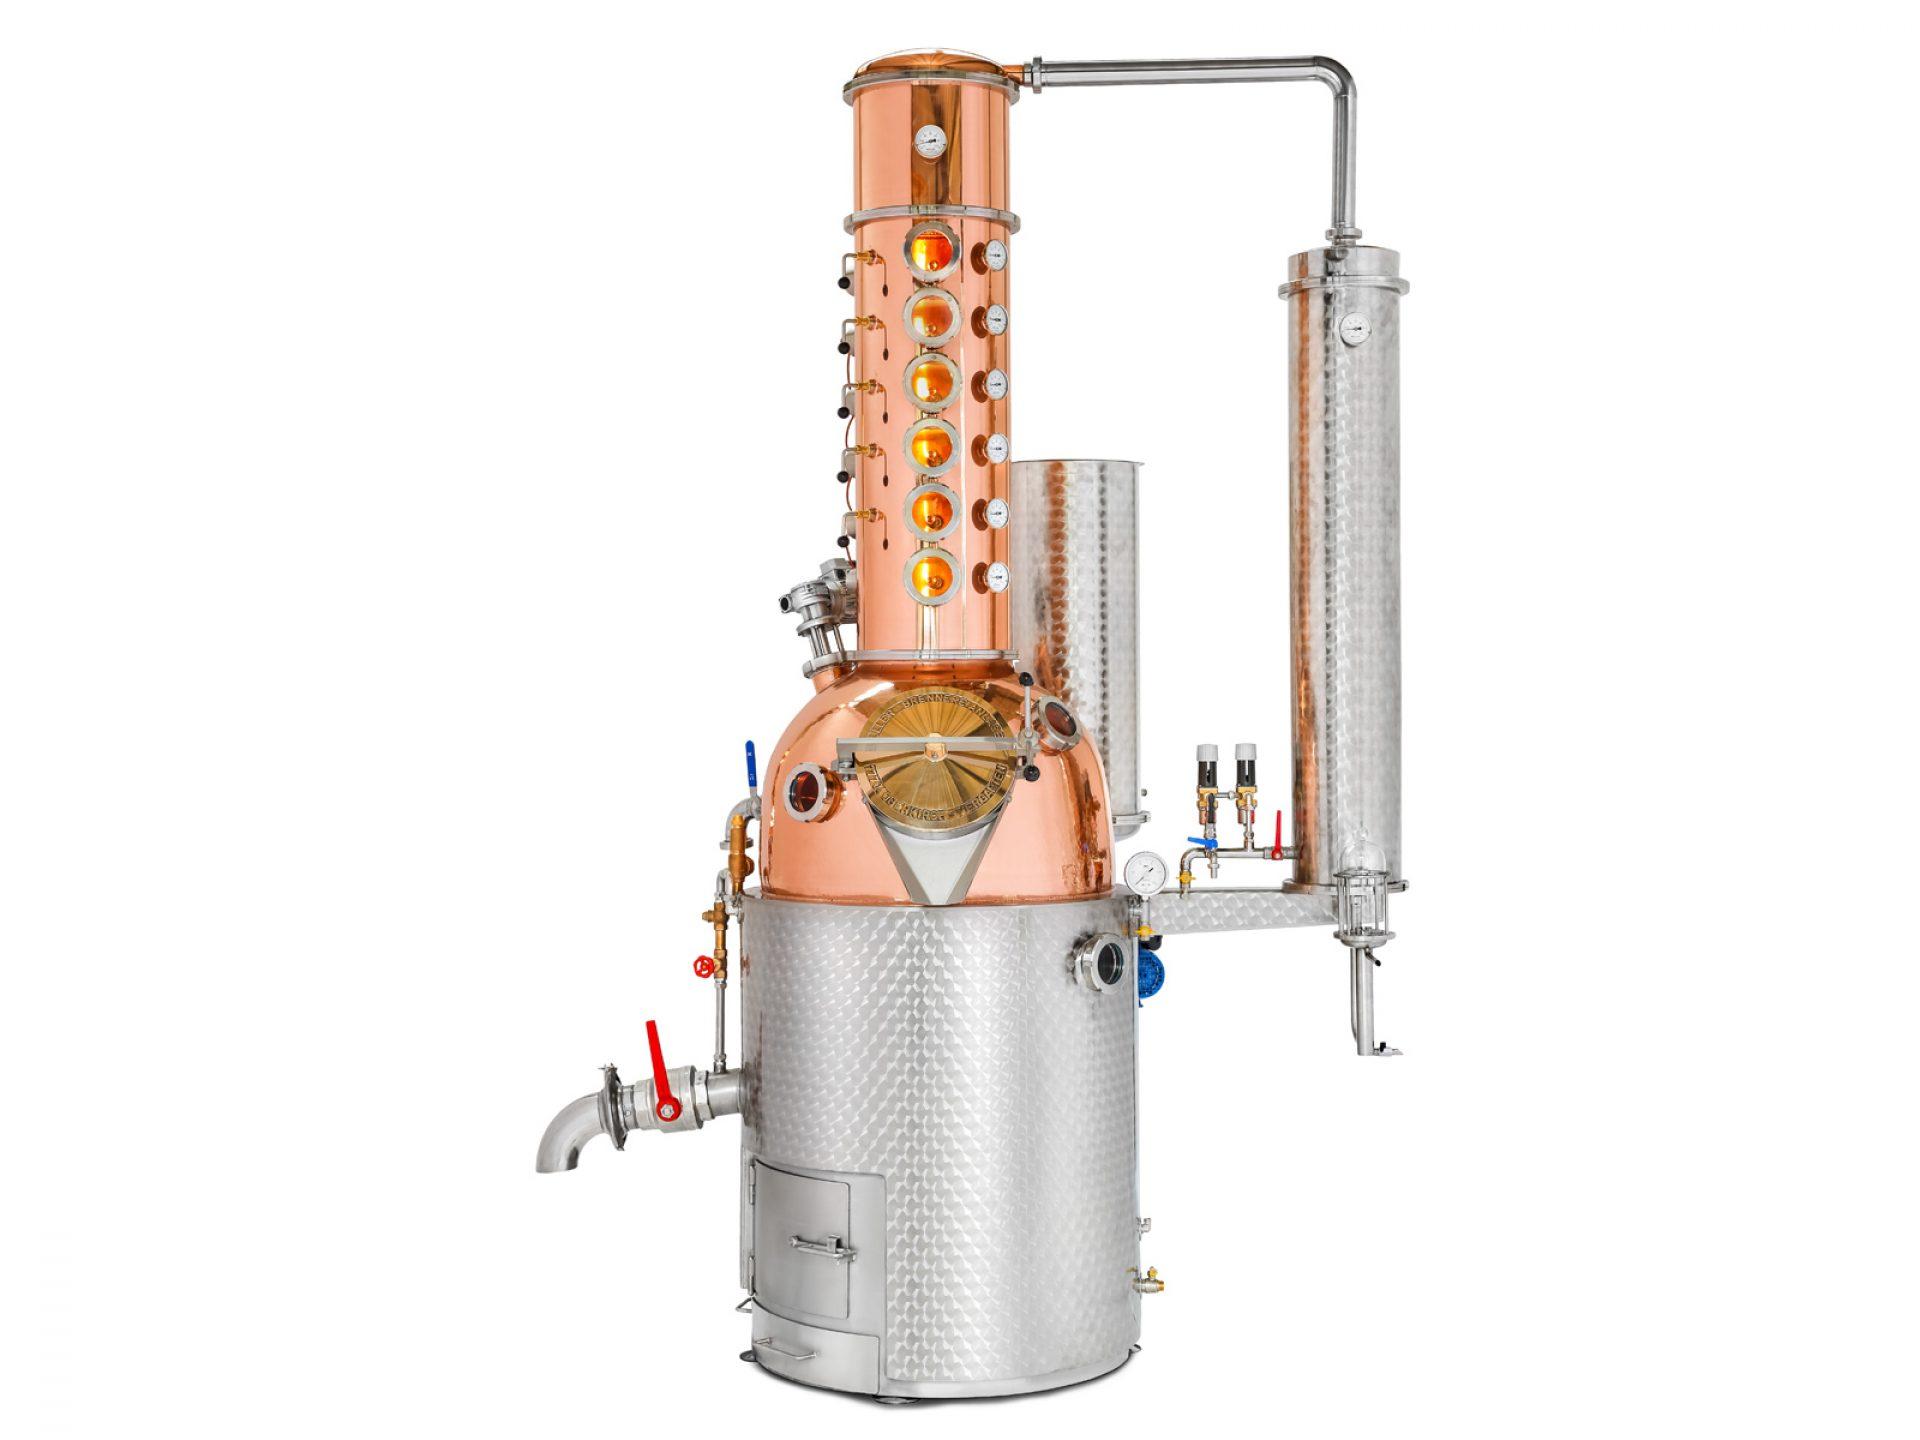 mueller-brennereianlagen-aroma-compact01